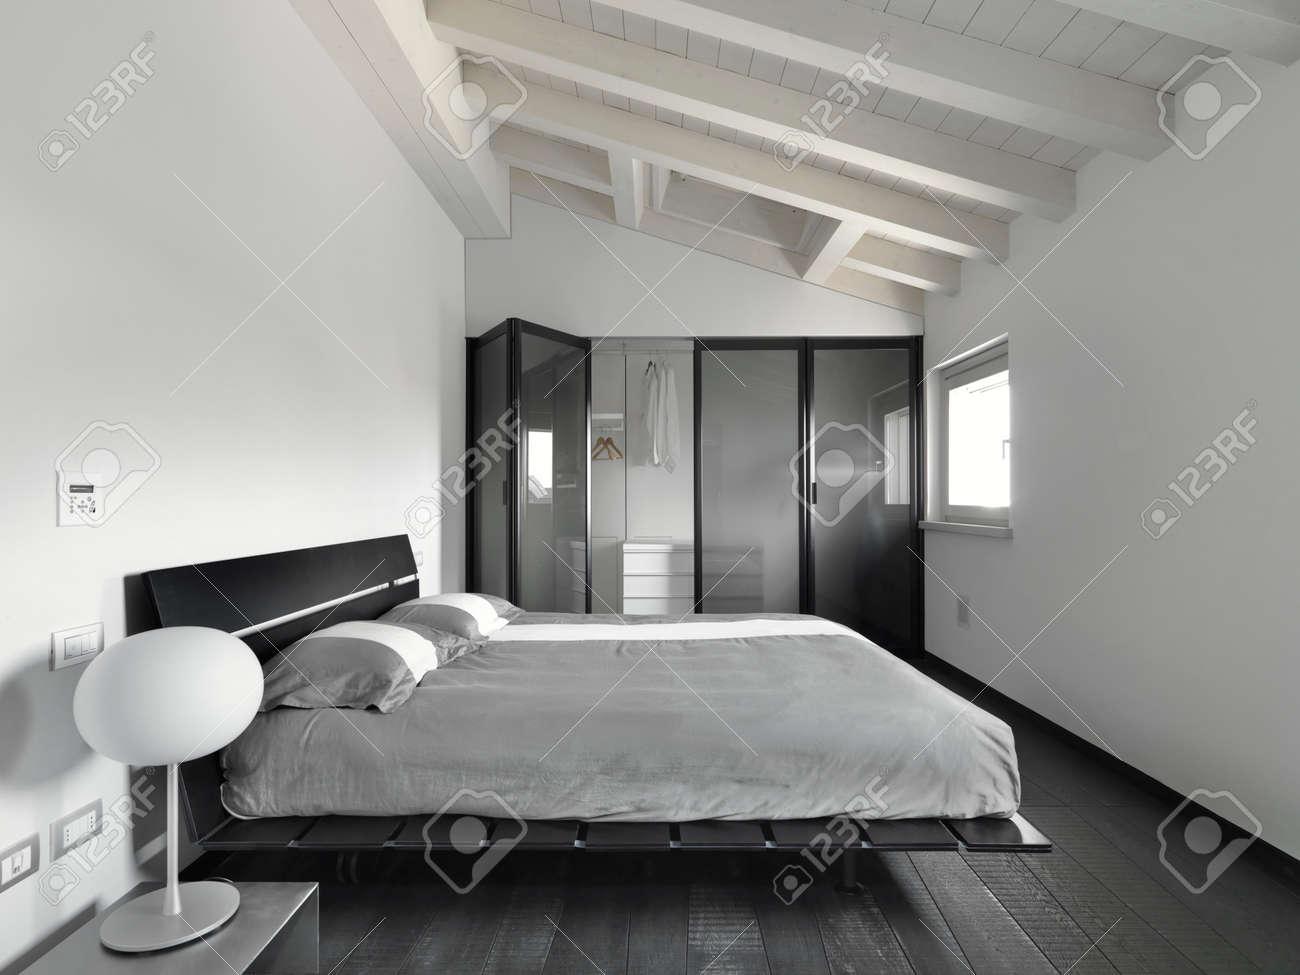 vista interno di una camera da letto moderna in mansarda con ... - Mansarda Camera Da Letto